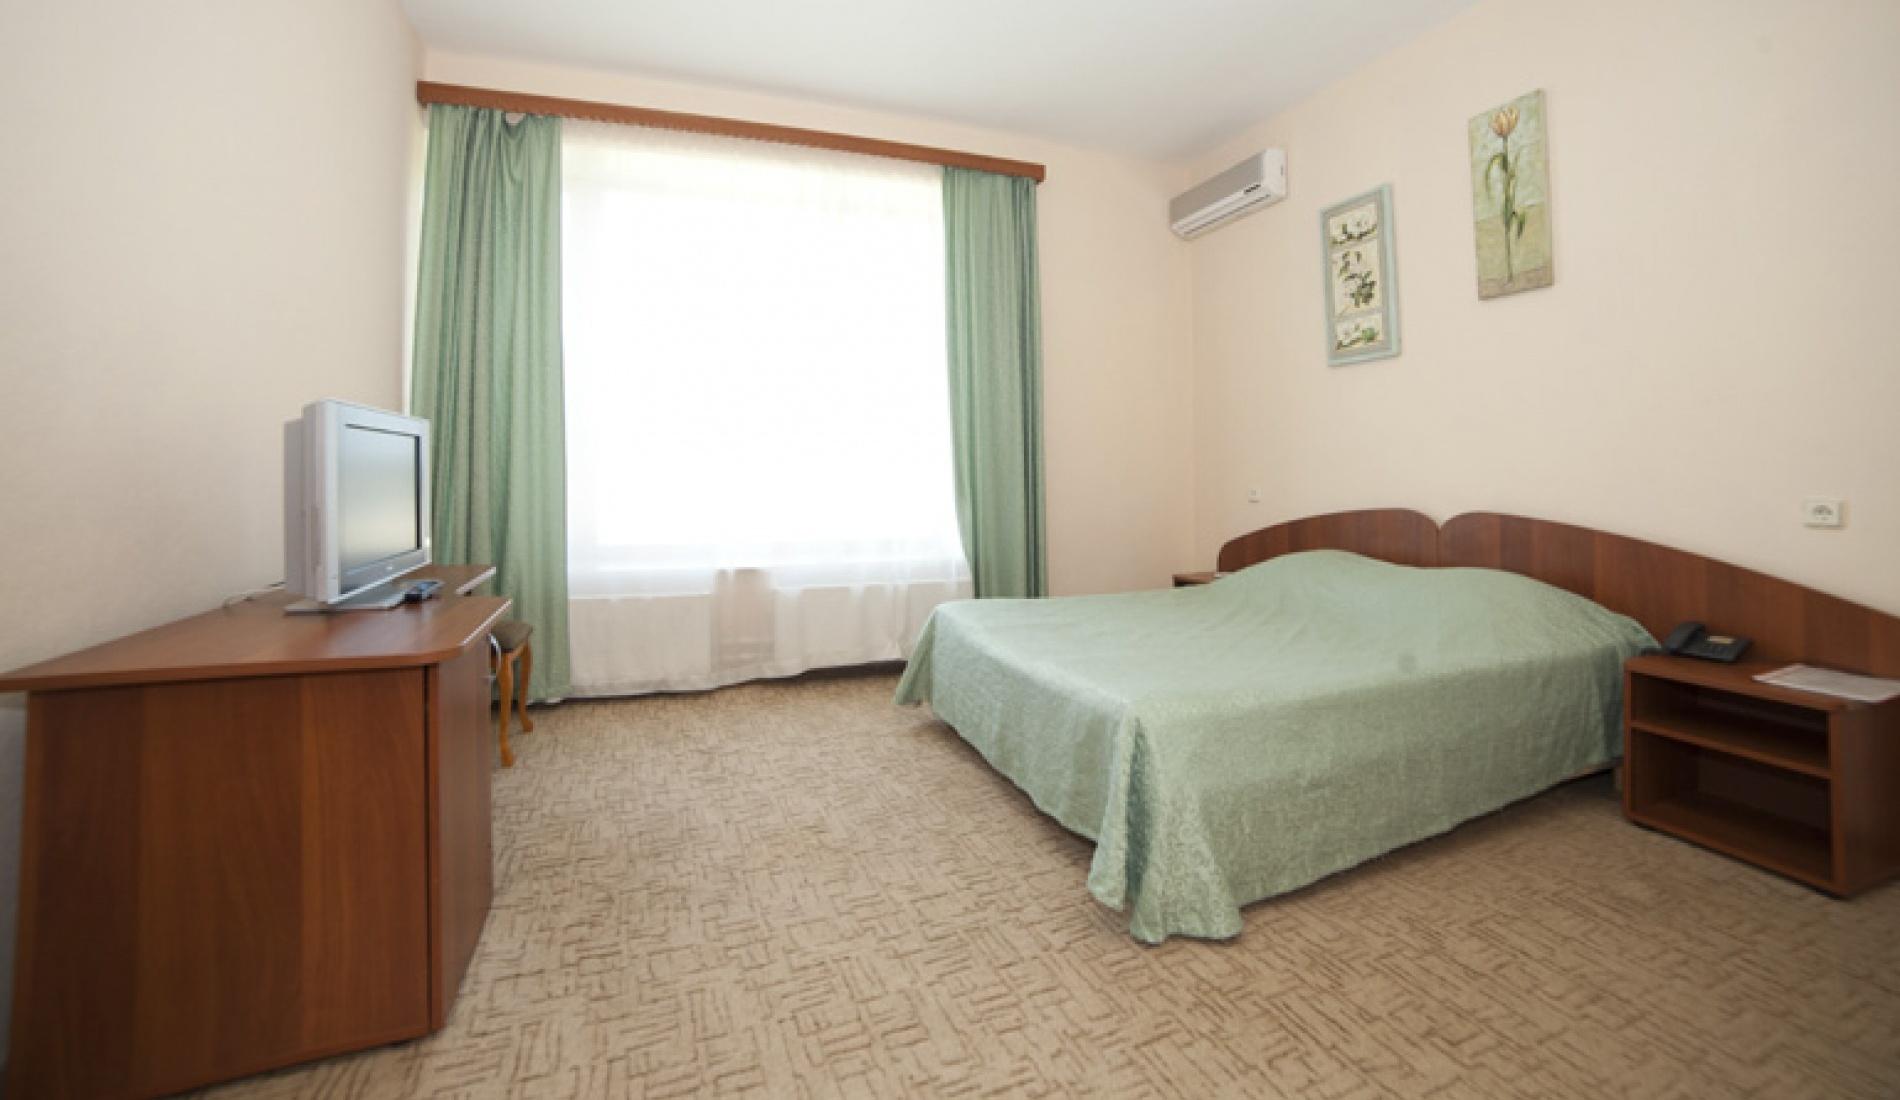 База отдыха «Улыбка» Белгородская область Номер «Люкс 2-комнатный с джакузи» в коттедже, фото 1